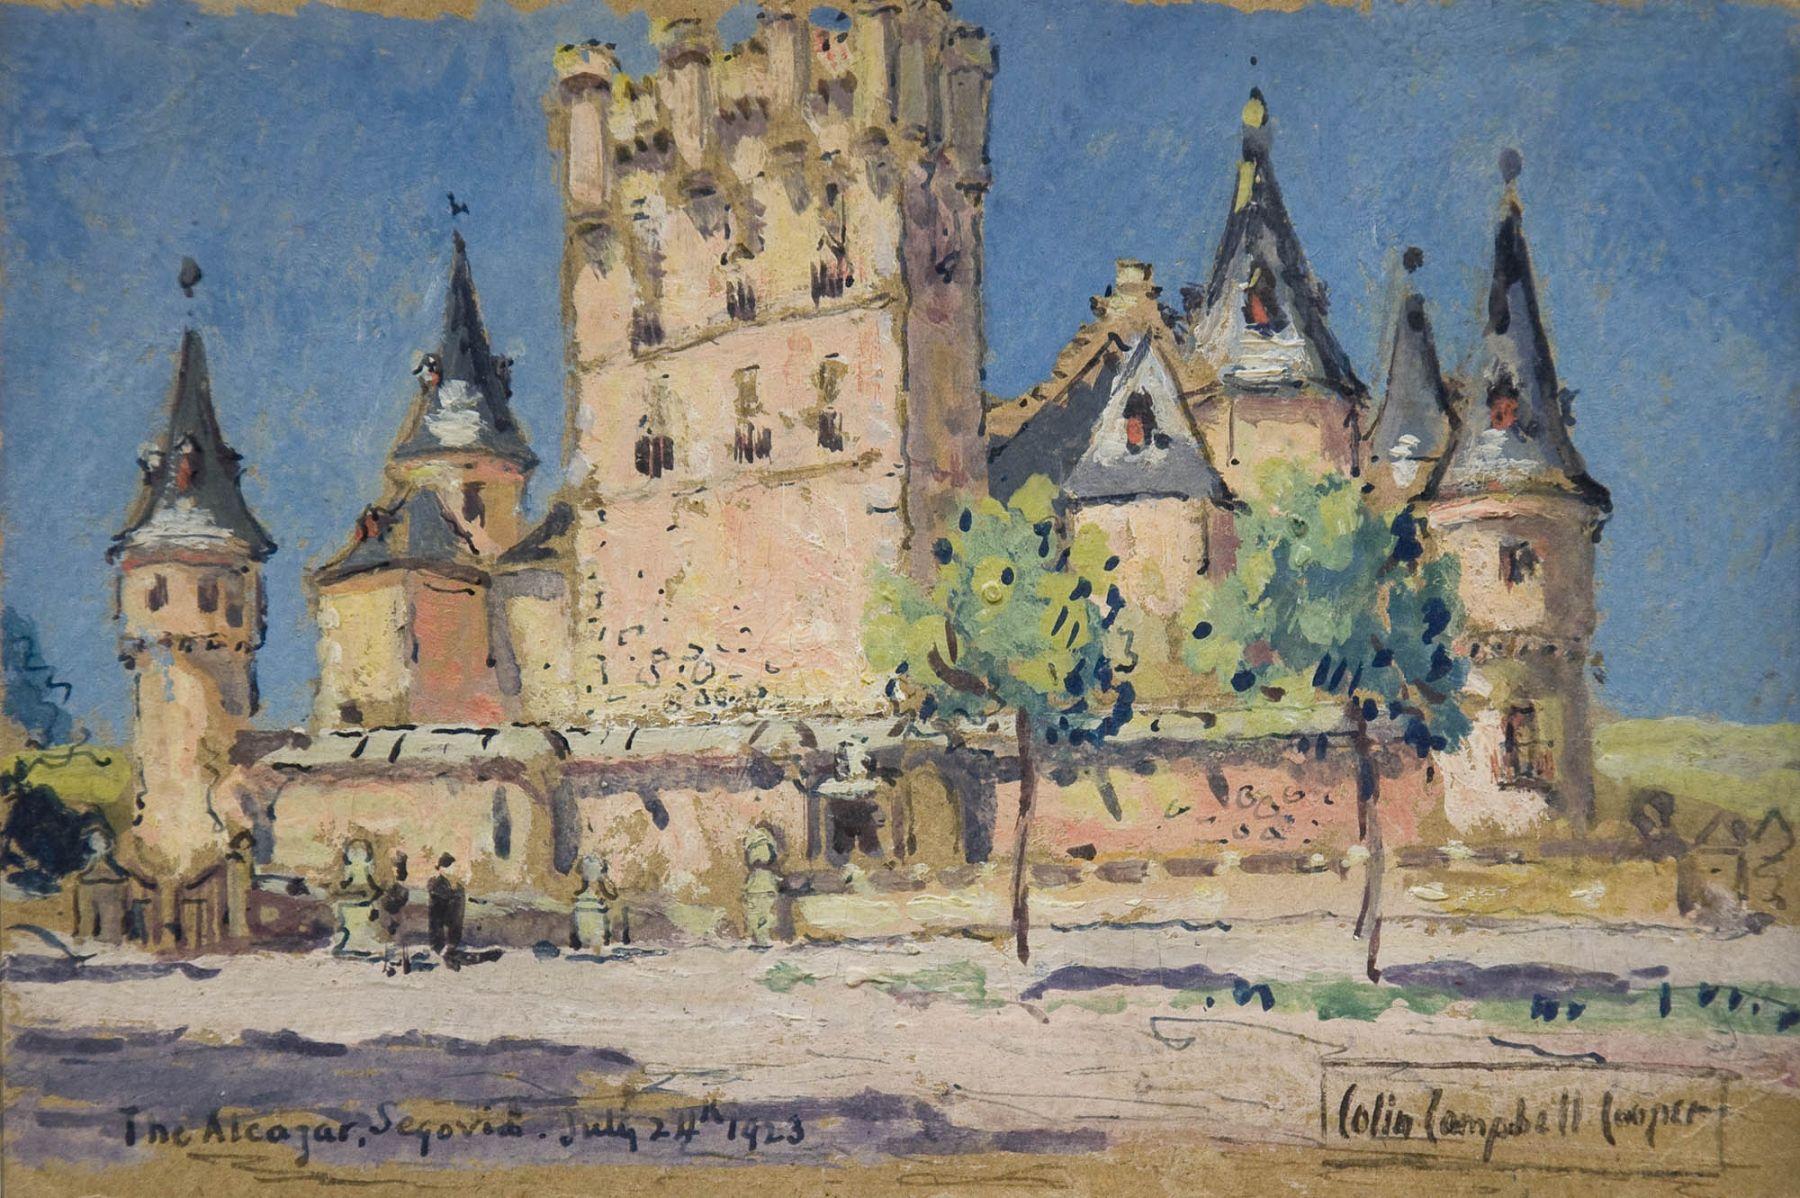 Colin Campbell Cooper, The Alcazar, Segovia, July 24, 1923.